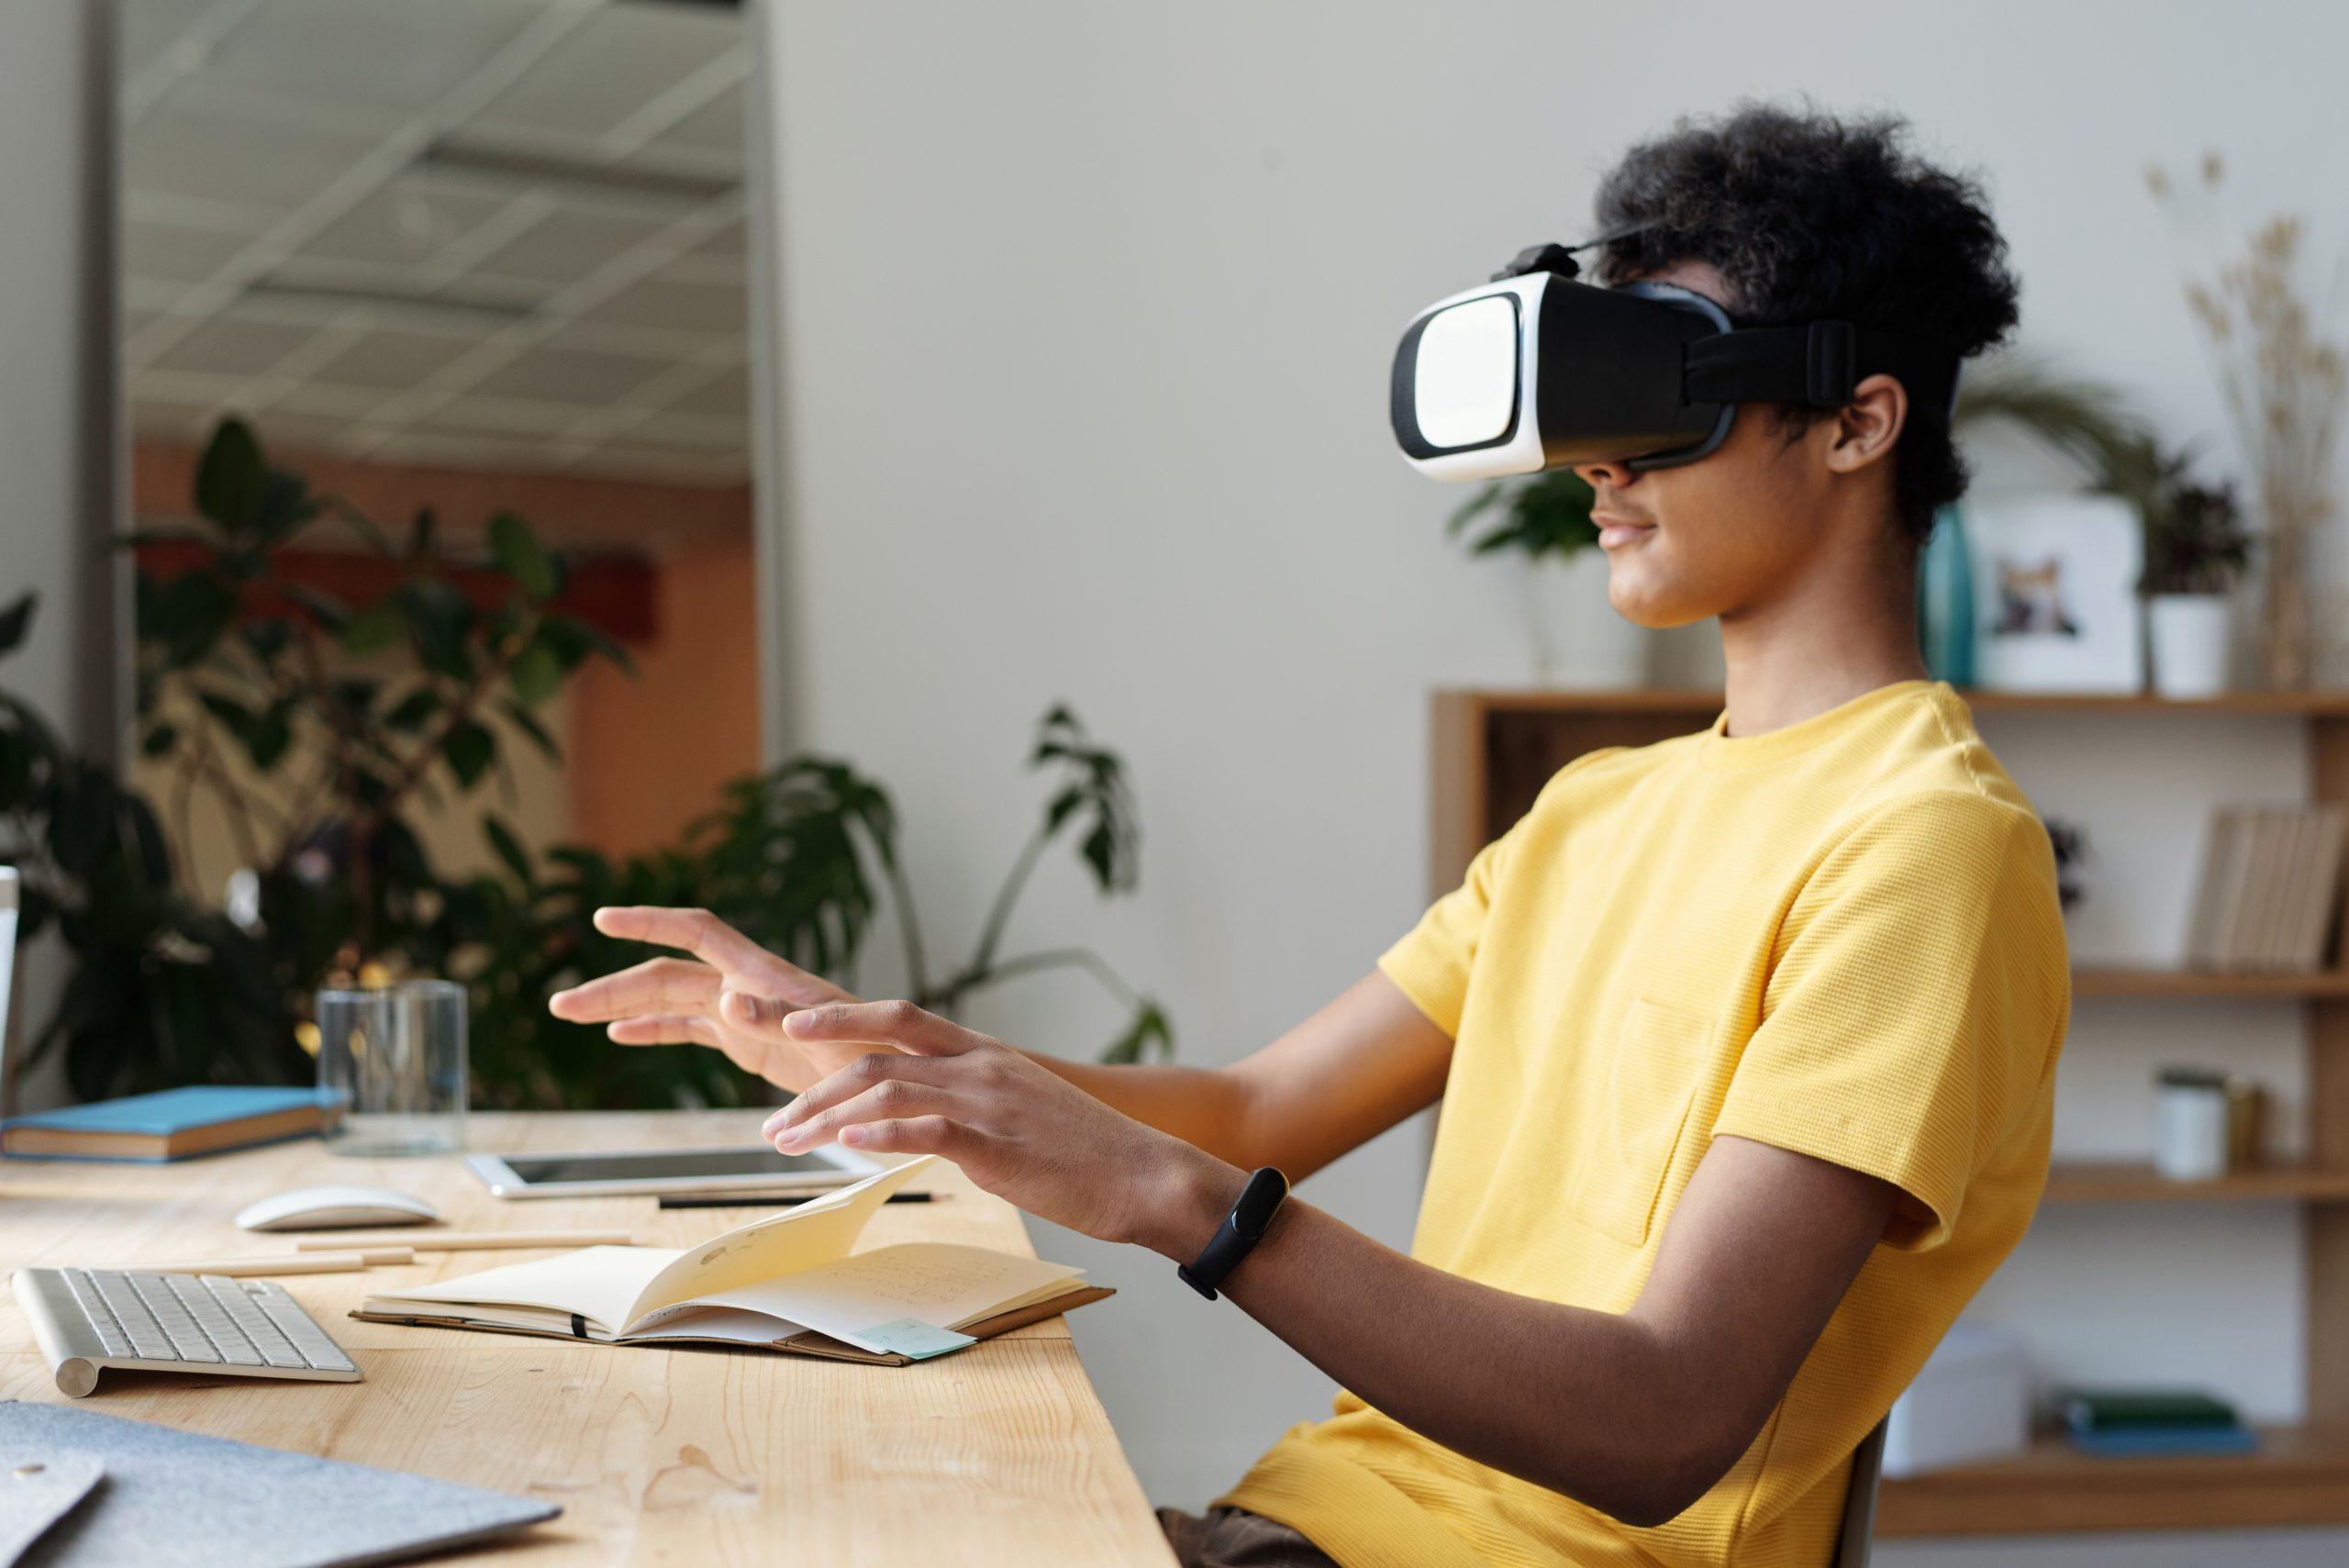 La tecnología es una aliada para nuestras clases, sabemos que cada vez tenemos más herramientas para que nuestro alumnado aprenda más.